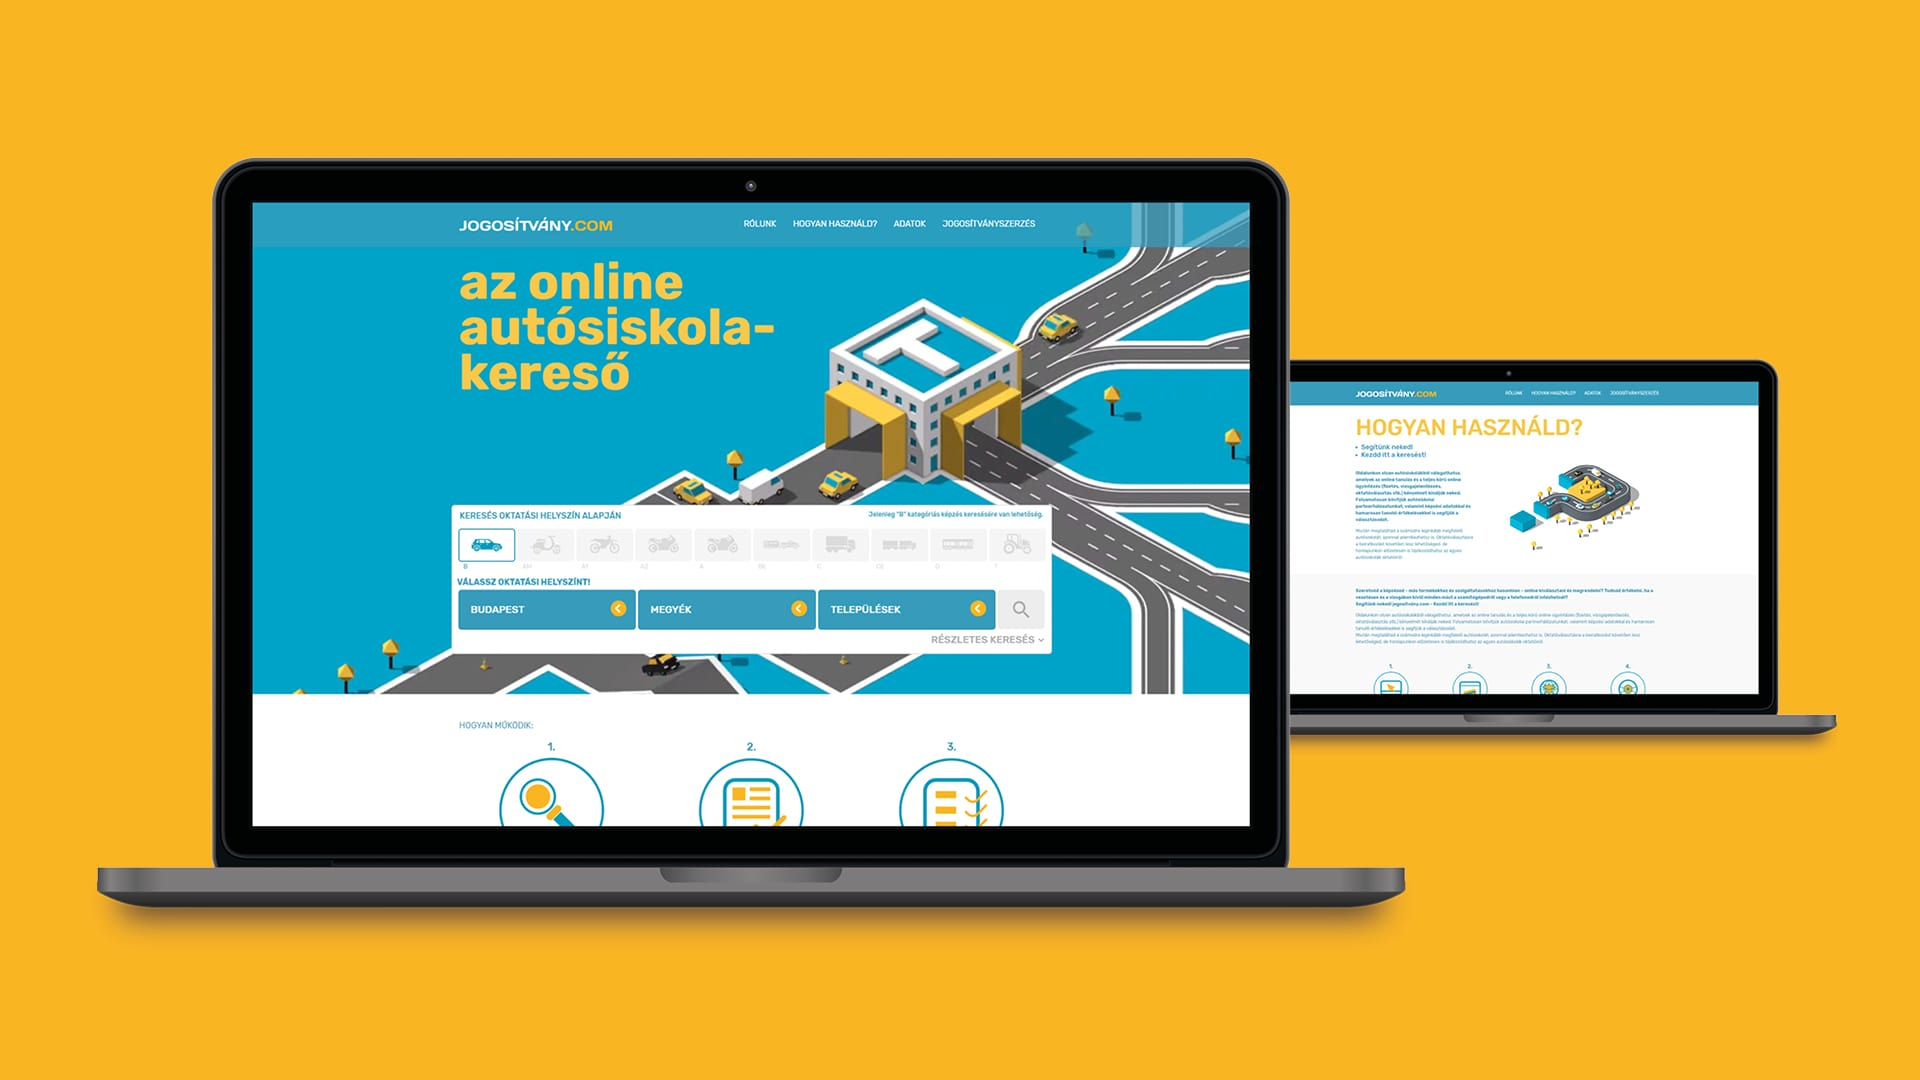 Jogosítvány.com Vizuális arculat  és weboldal tervezése